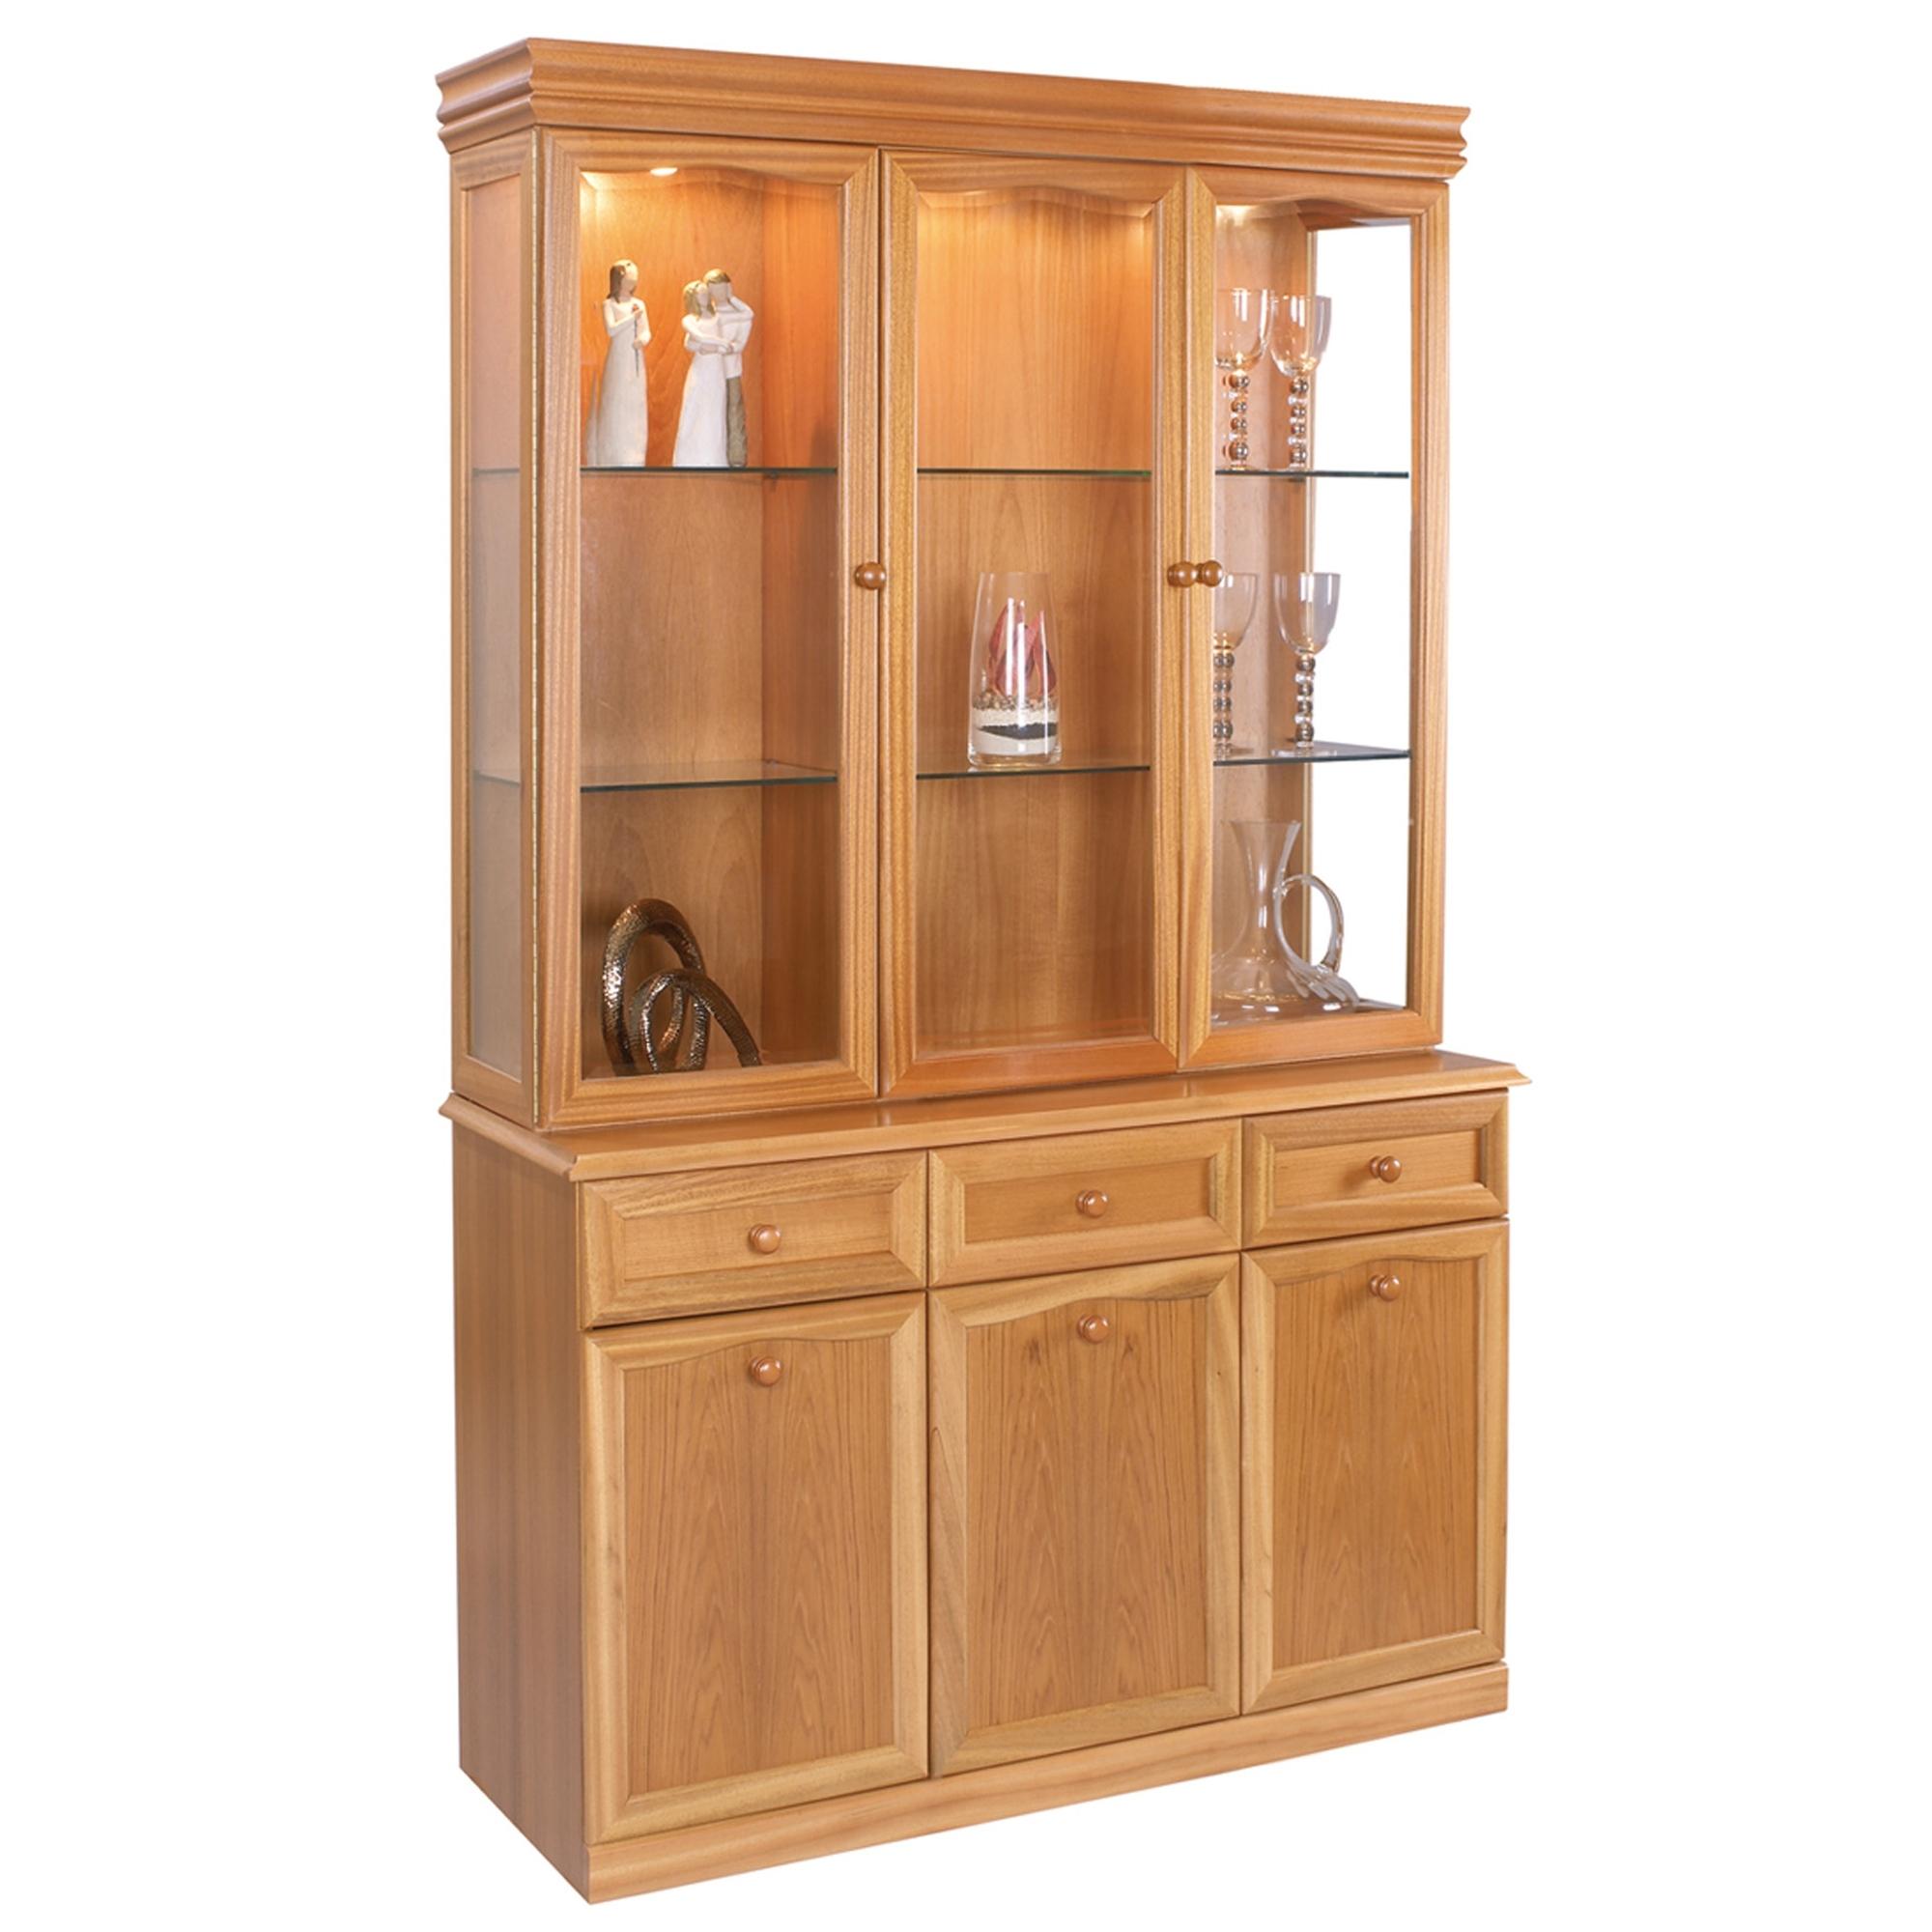 Bedroom Recliner Chairs Bedroom Furniture Floor Plan Cream Carpet Bedroom Bedroom Bench Uk: Sutcliffe Trafalgar Teak 3 Door Display Unit